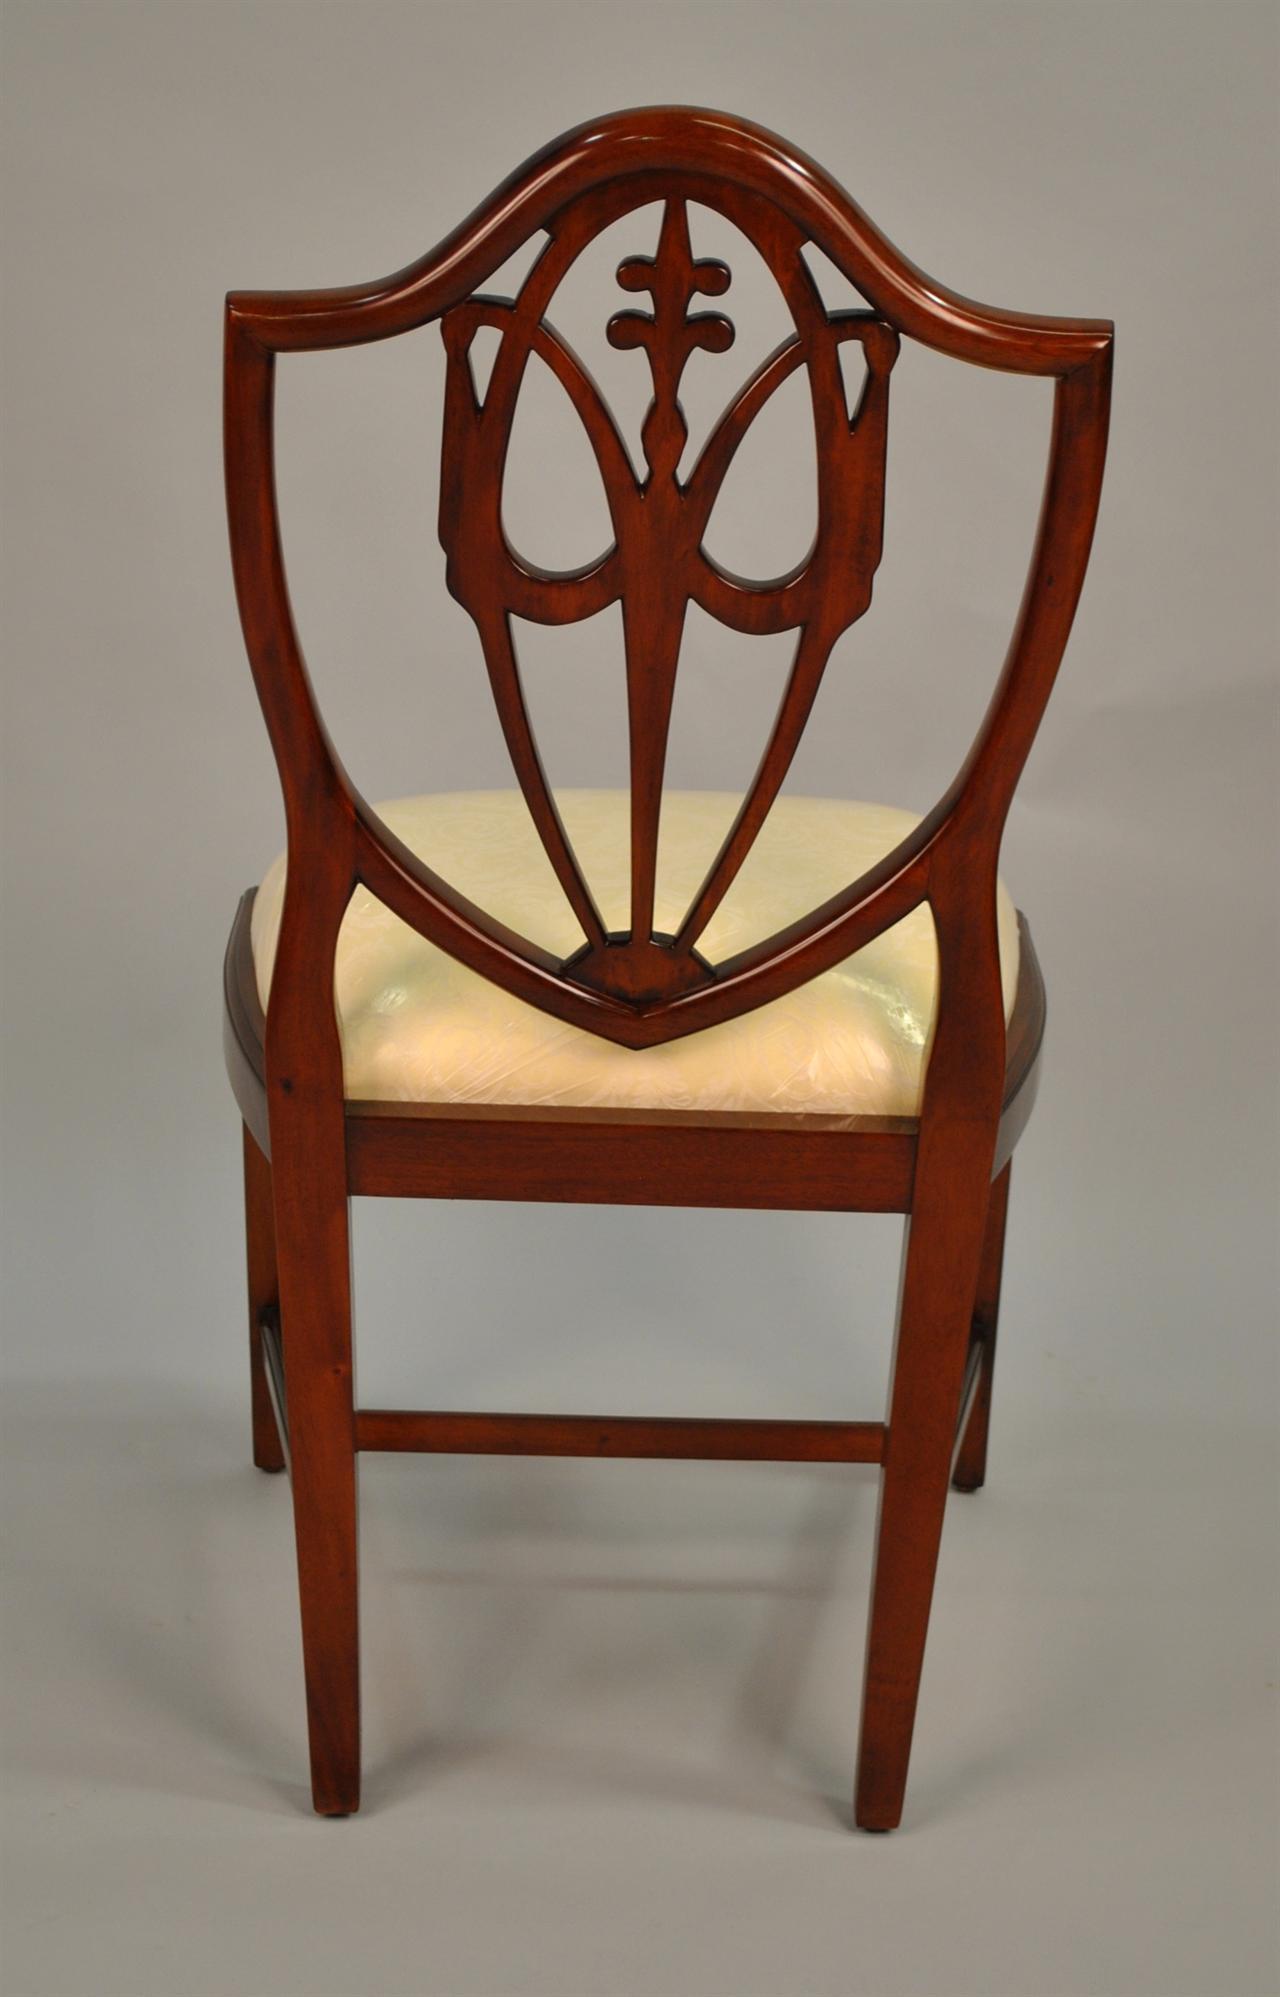 Mahogany Shield Back Dining Chairs Fleur De Lis Shield  : mahogany shield back dining chairs fleur de lis shield back 4434 from www.ebay.co.uk size 1280 x 1997 jpeg 127kB